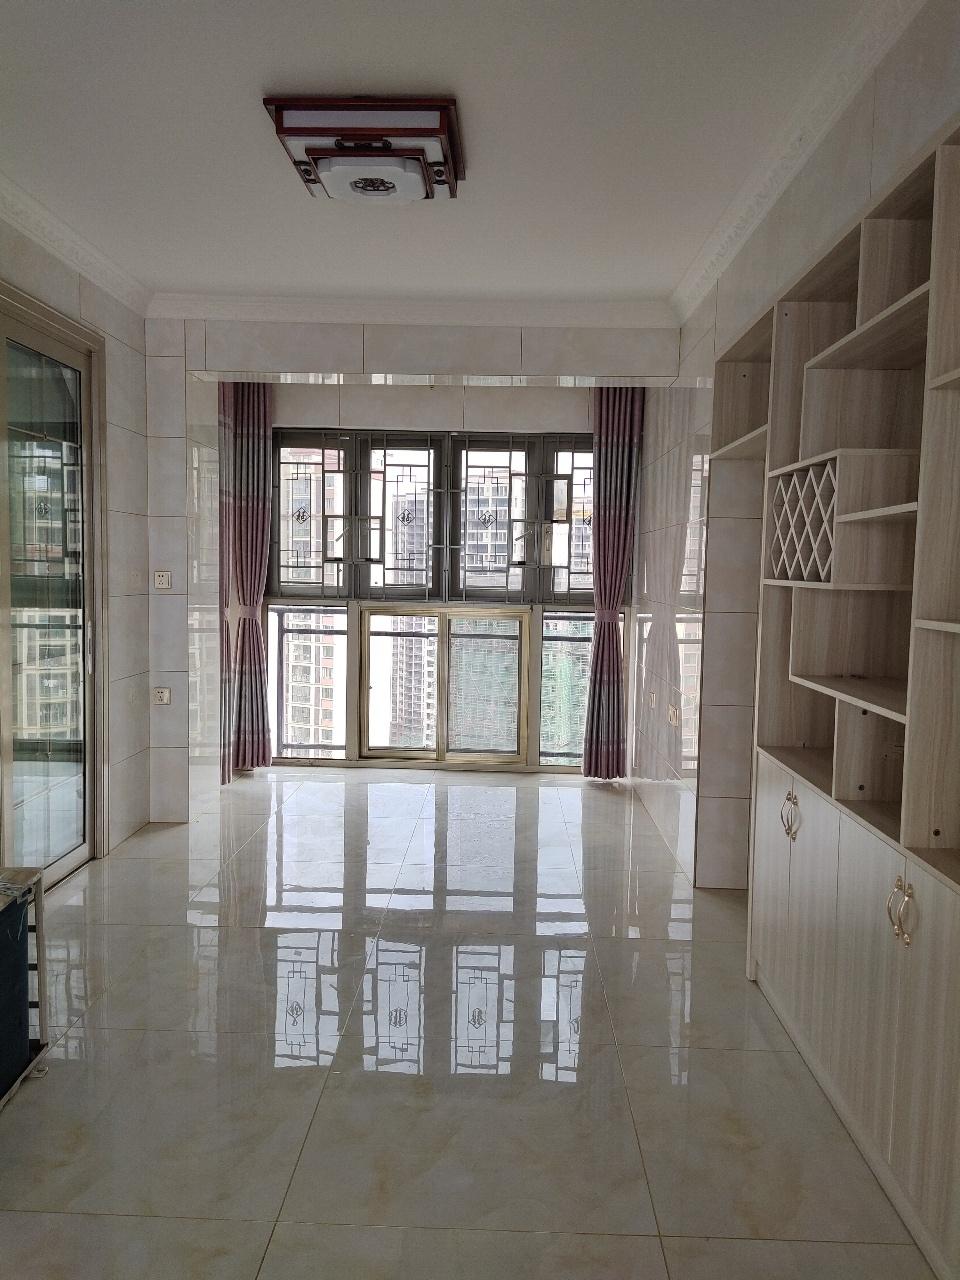 桃江龙城全新装修未入住过3室 2厅 2卫96万元